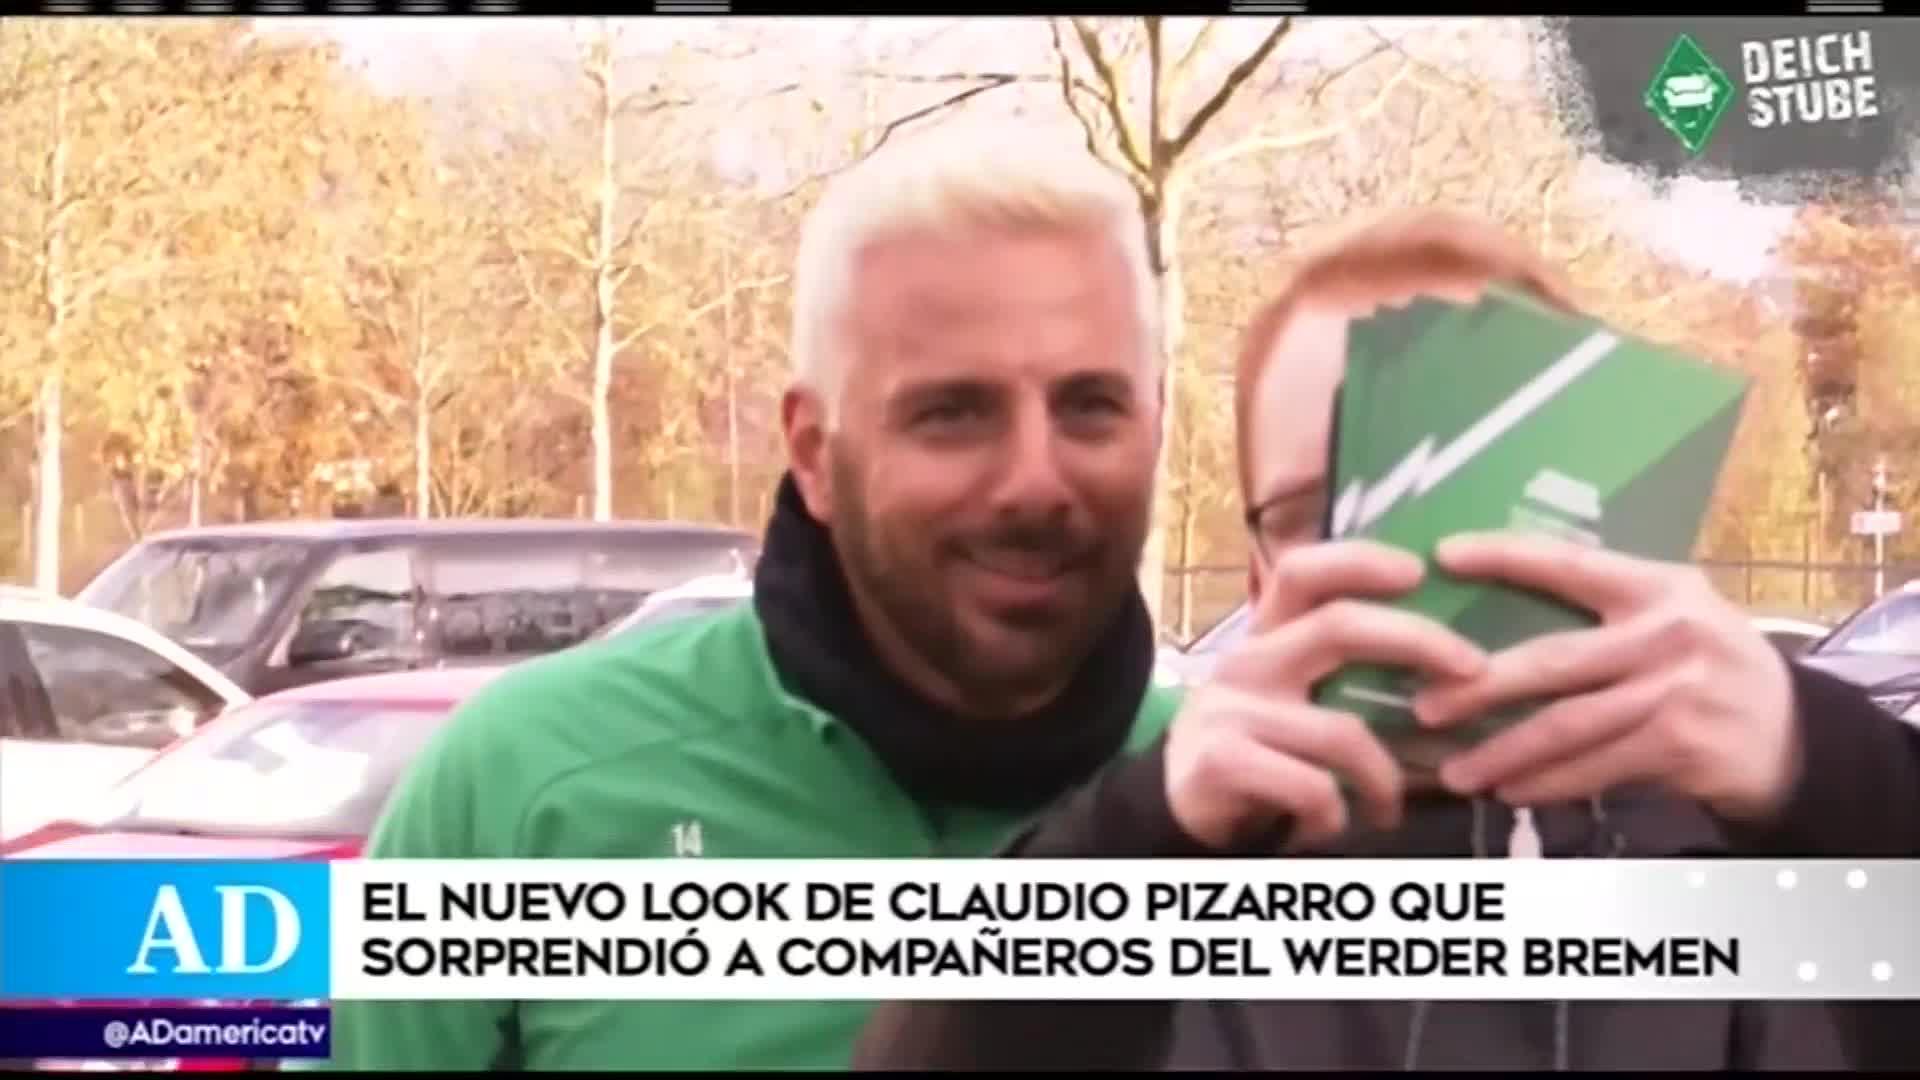 Claudio Pizarro sorprendió a sus compañeros del Werder Bremen con radical cambio de look